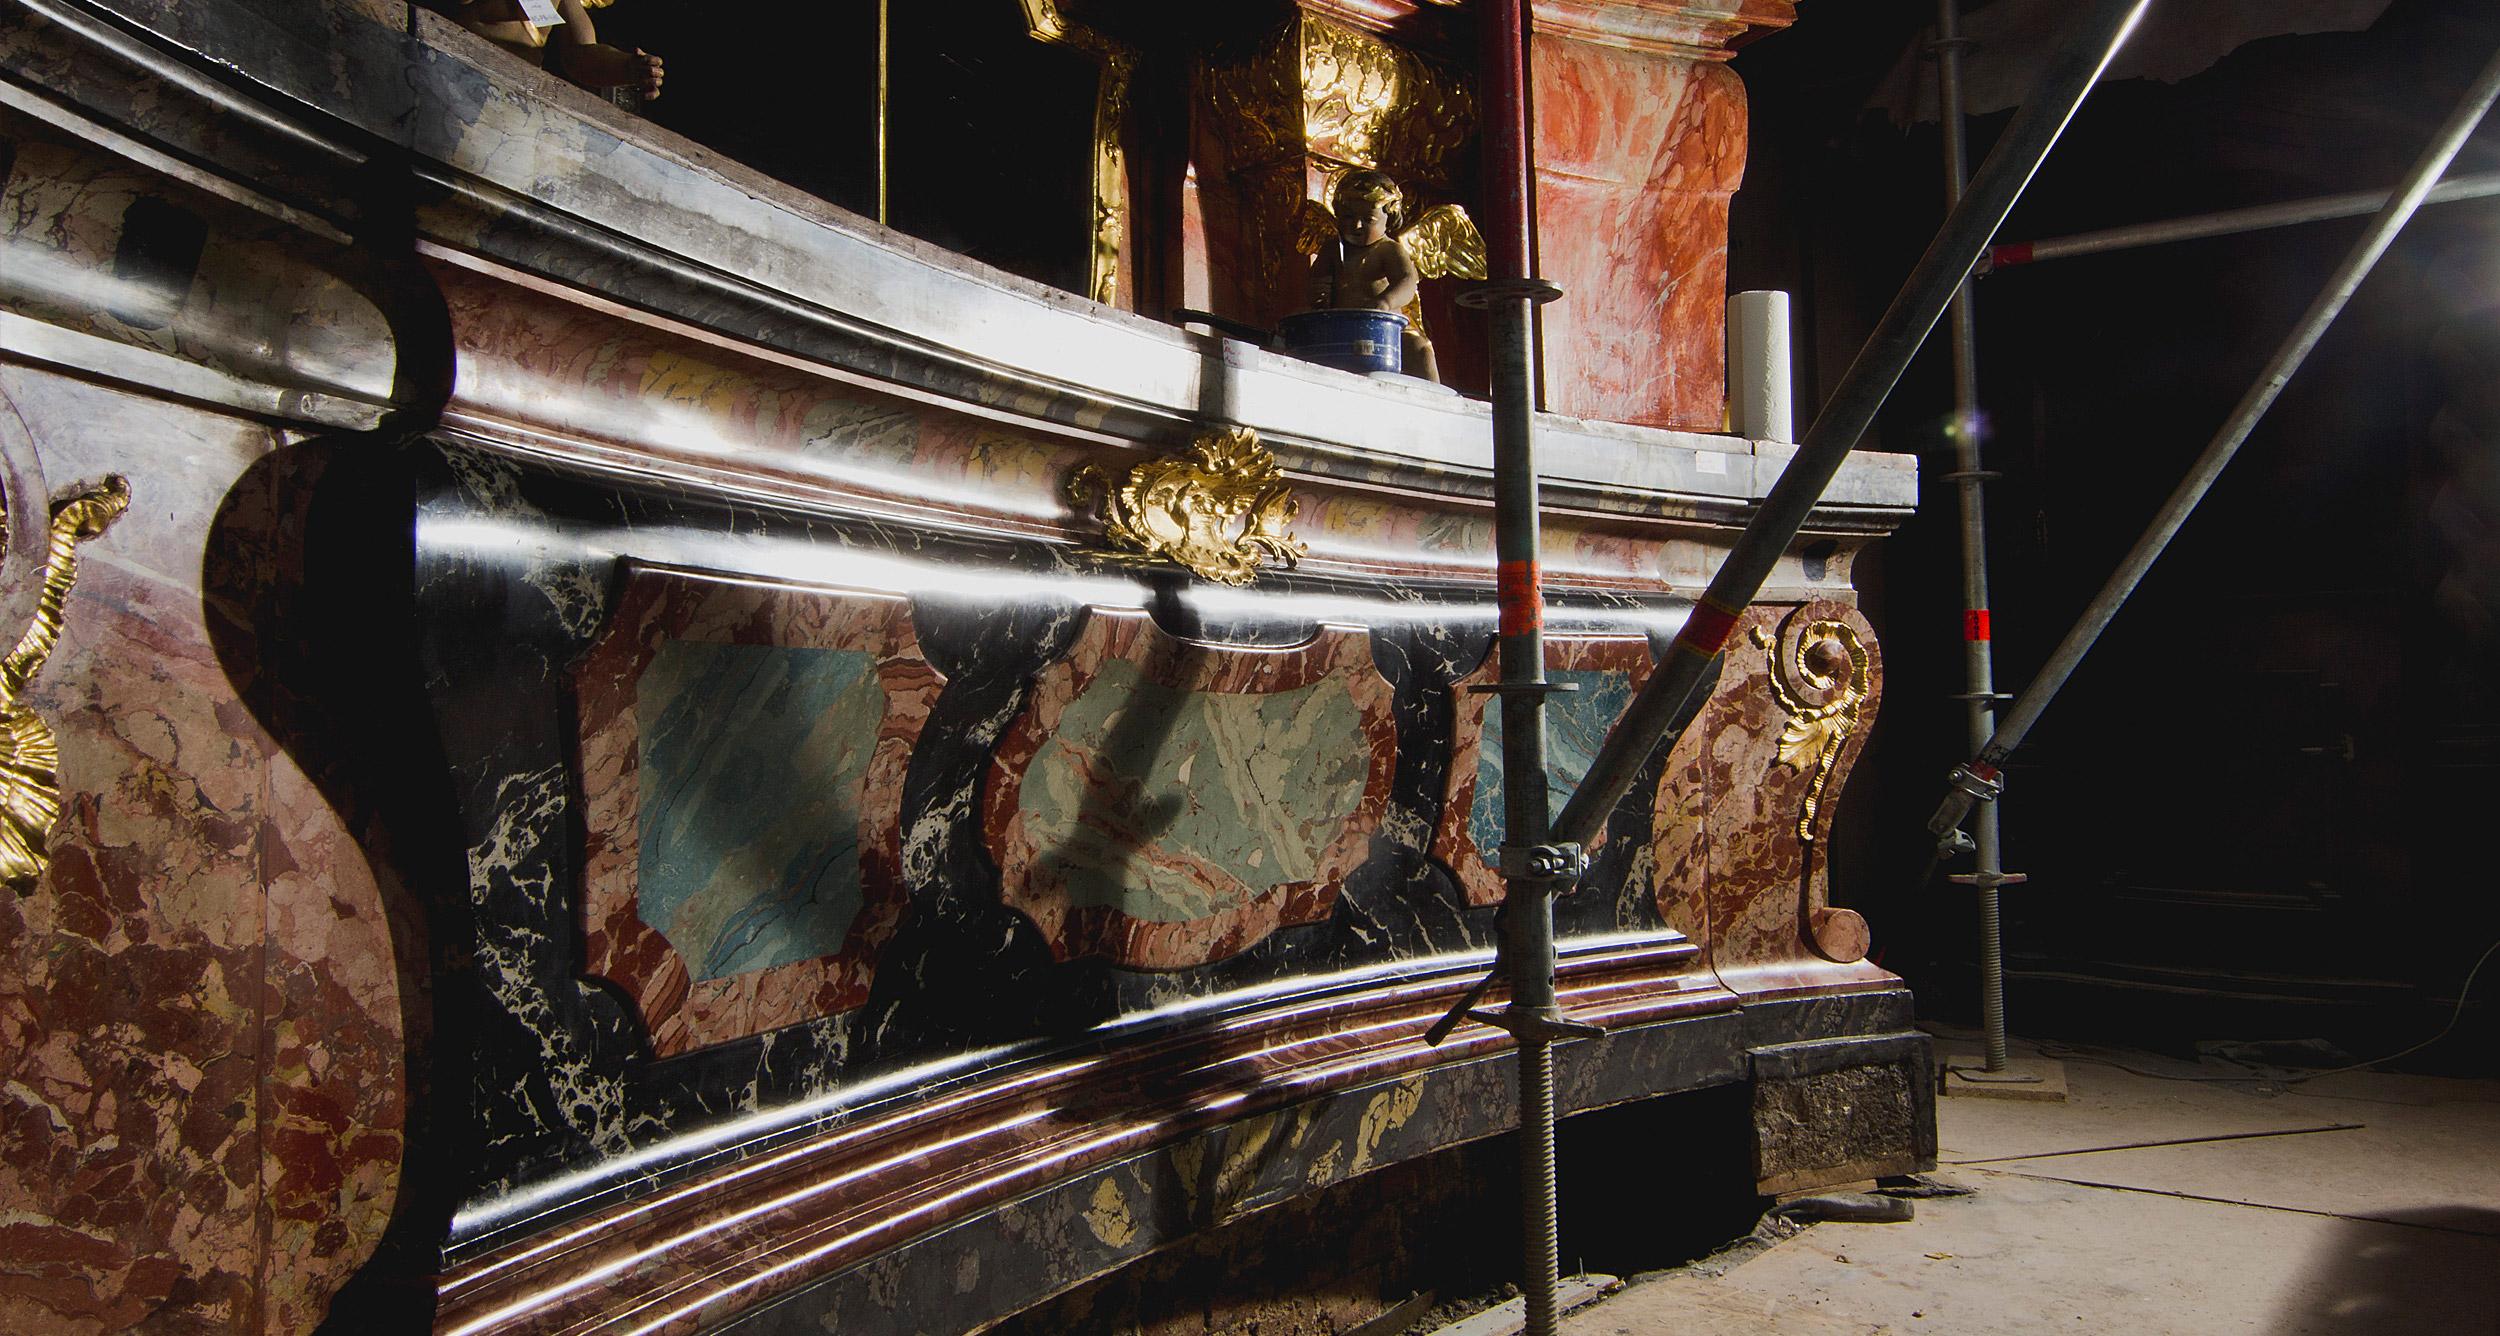 Altarmensa im Streiflicht mit wiederhergestellter Oberflächenwirkung